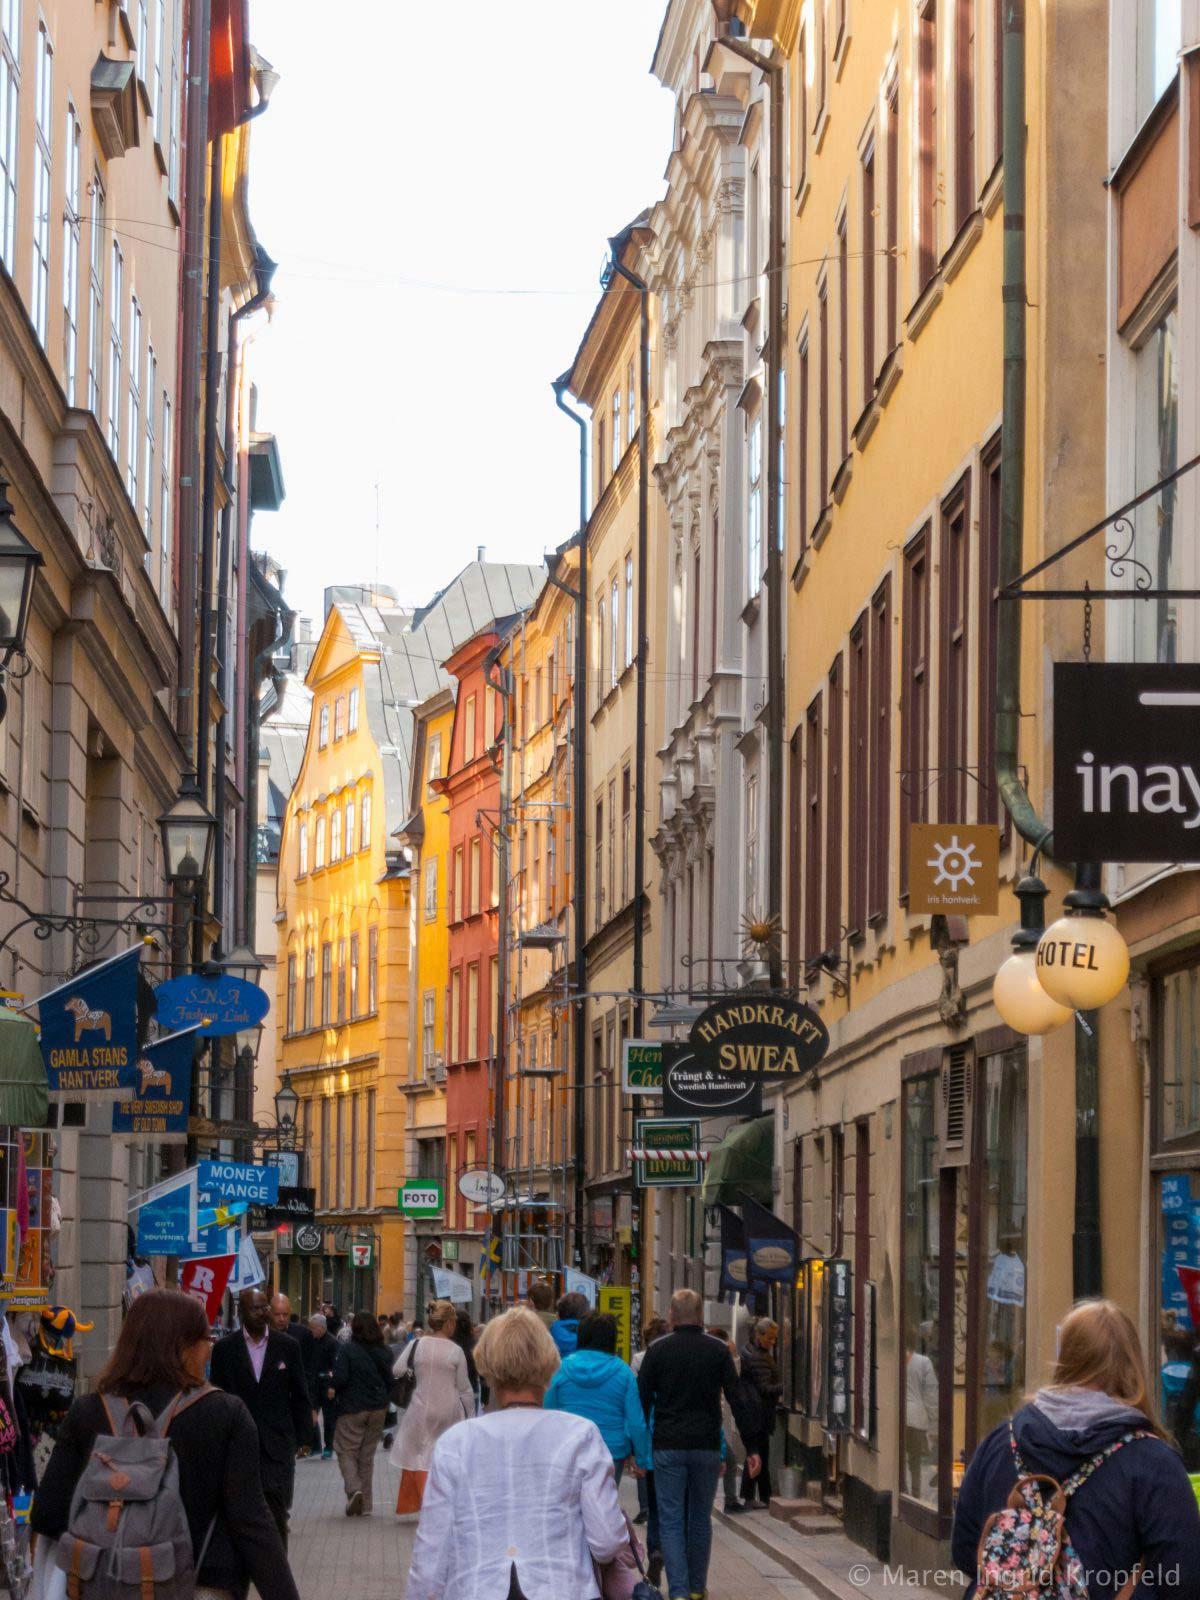 In der Altstadt von Stockholm